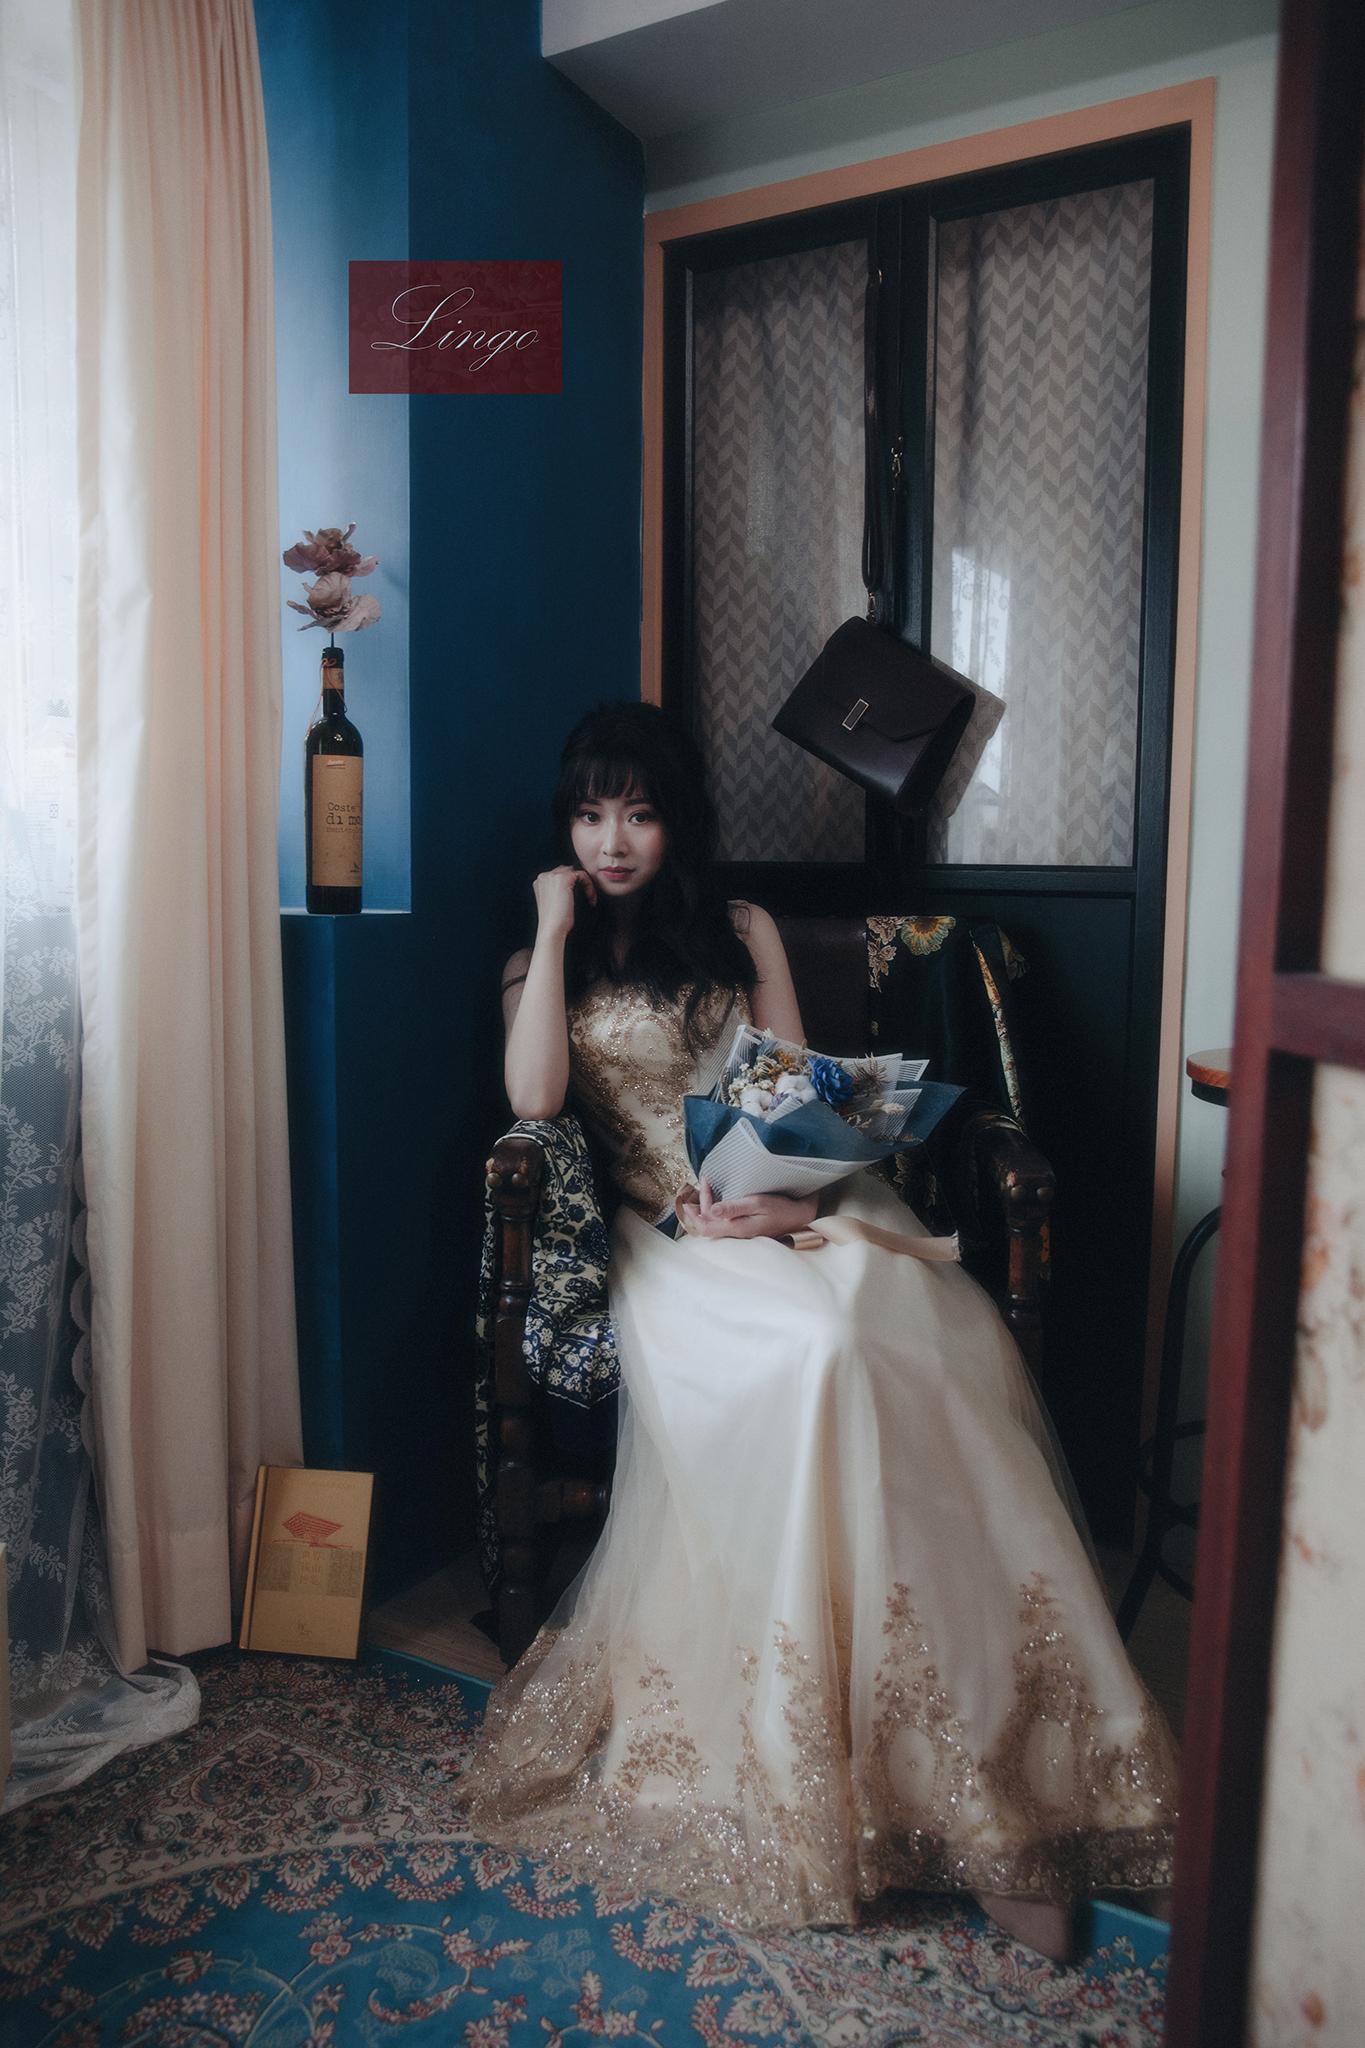 Lingo image -Bridal 32